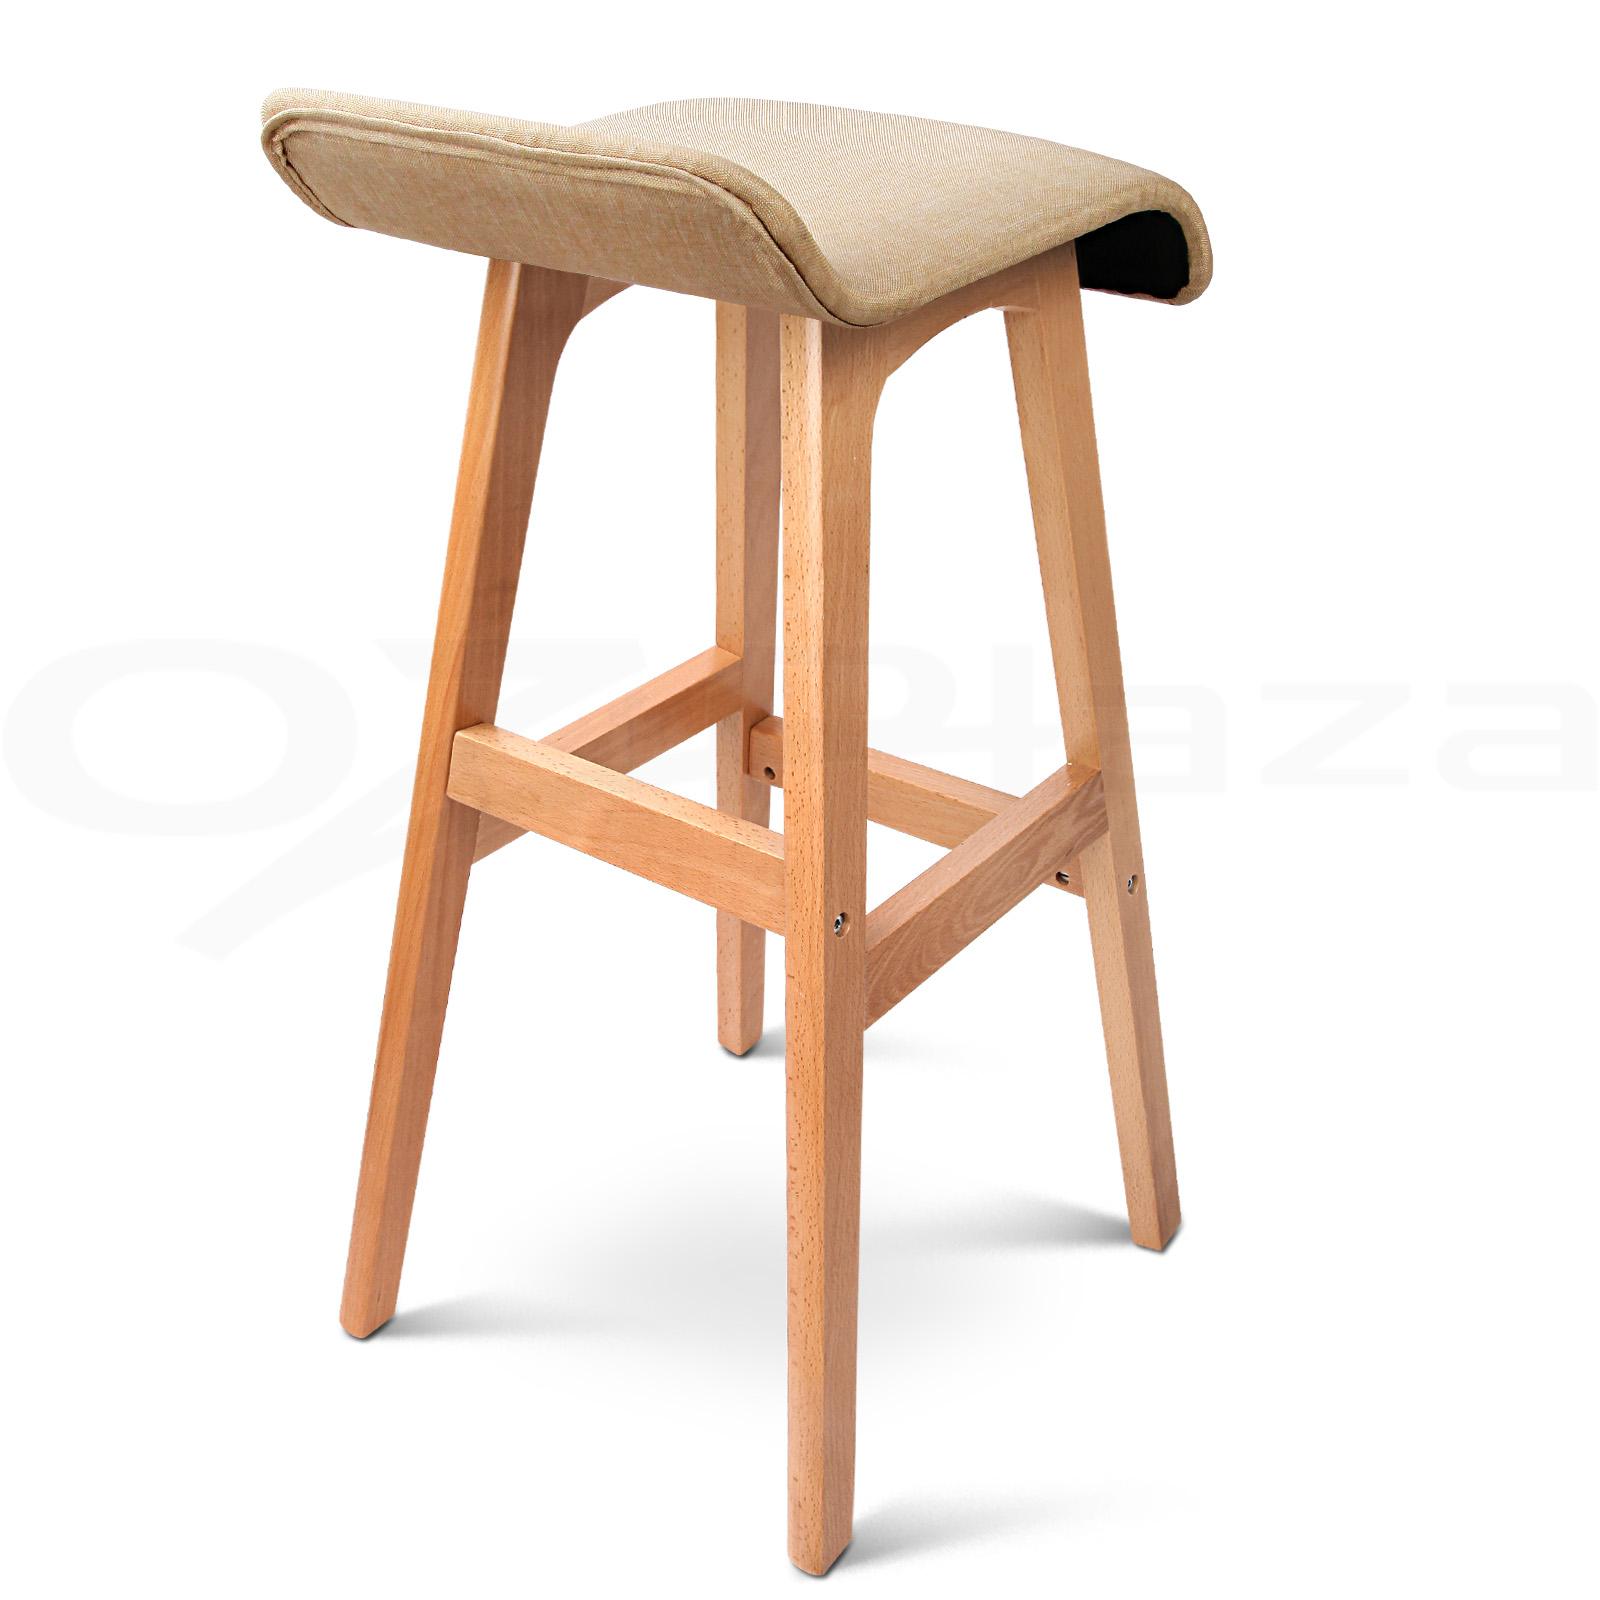 4x Wooden Bar Stools Kitchen Barstool Fabric Foam Seat  : BA TW T1568 BEIGEX4 P08 from www.ebay.com.au size 1600 x 1600 jpeg 305kB